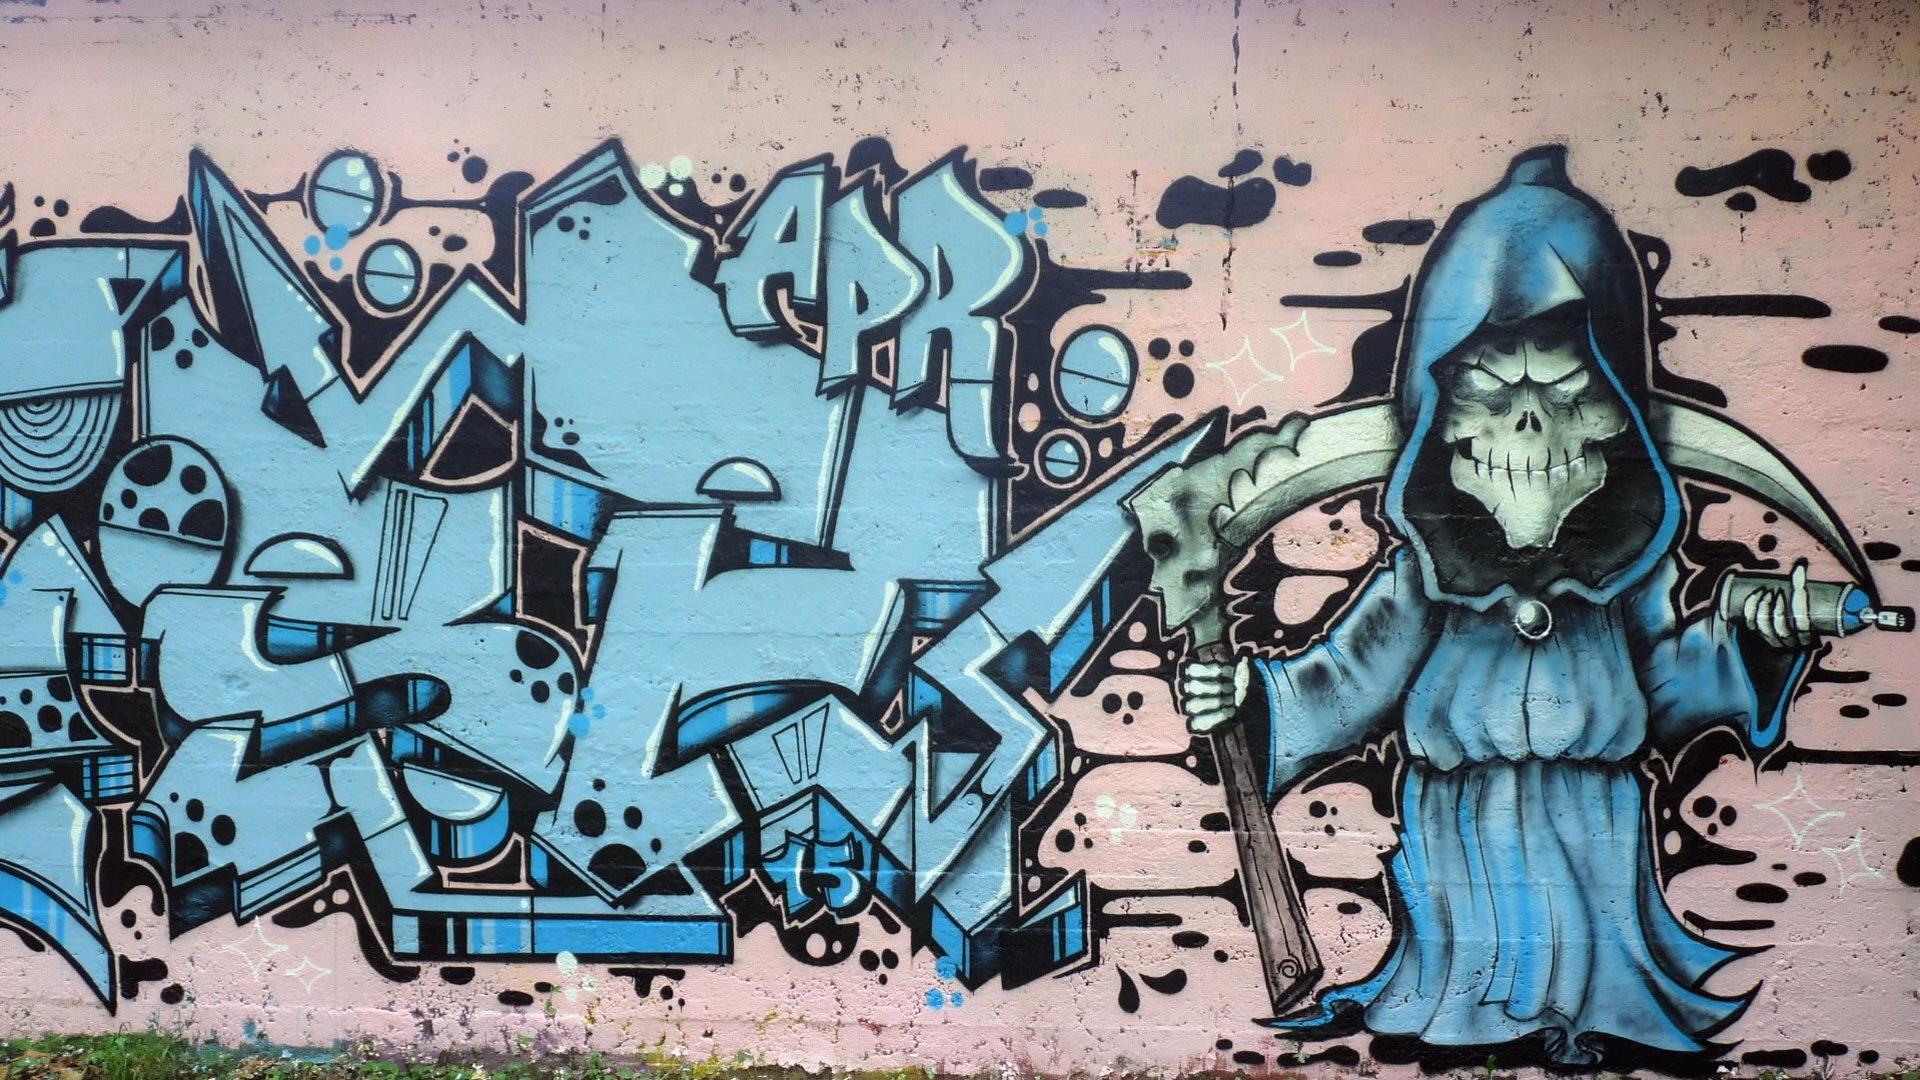 Обои с рисунком граффити